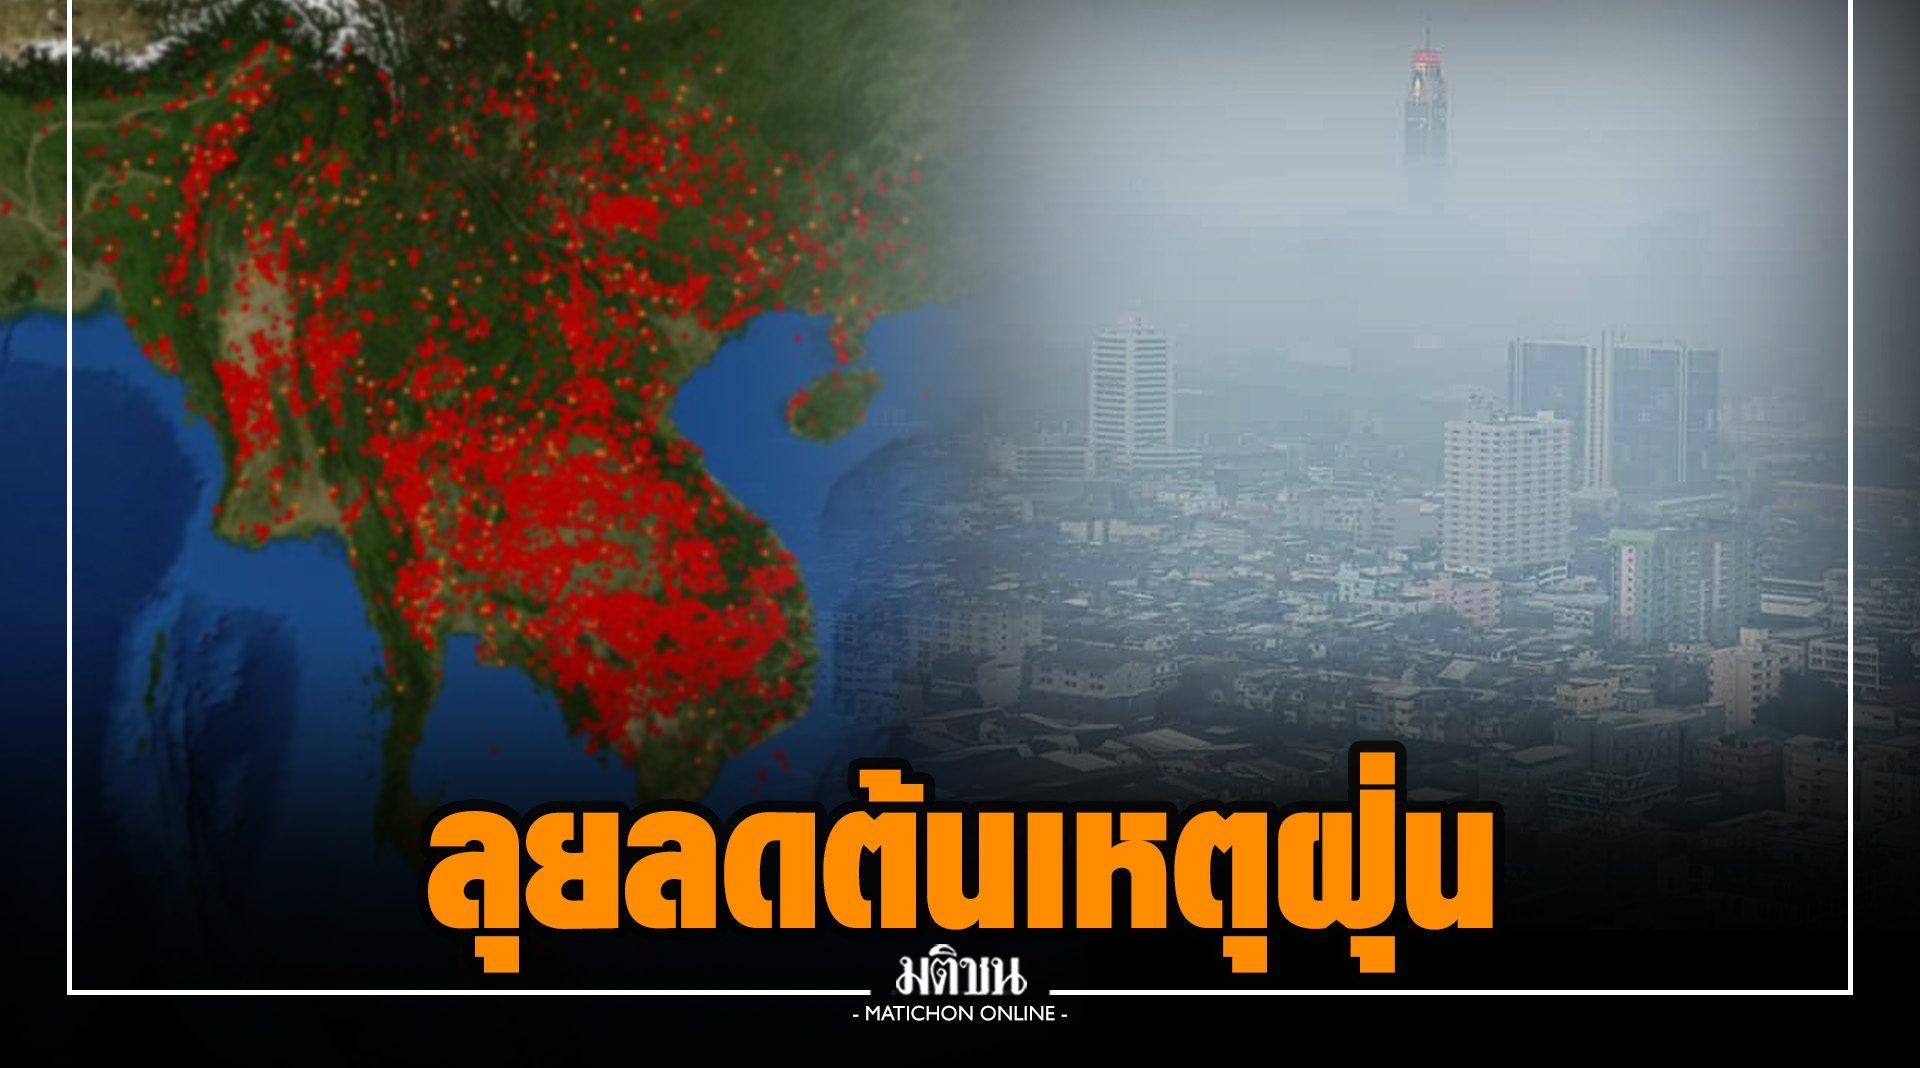 'รัฐบาล' ลุยลดจุดความร้อน ต้นเหตุฝุ่นพีเอ็ม 2.5 เผย 4 เดือนแรกลด 53%